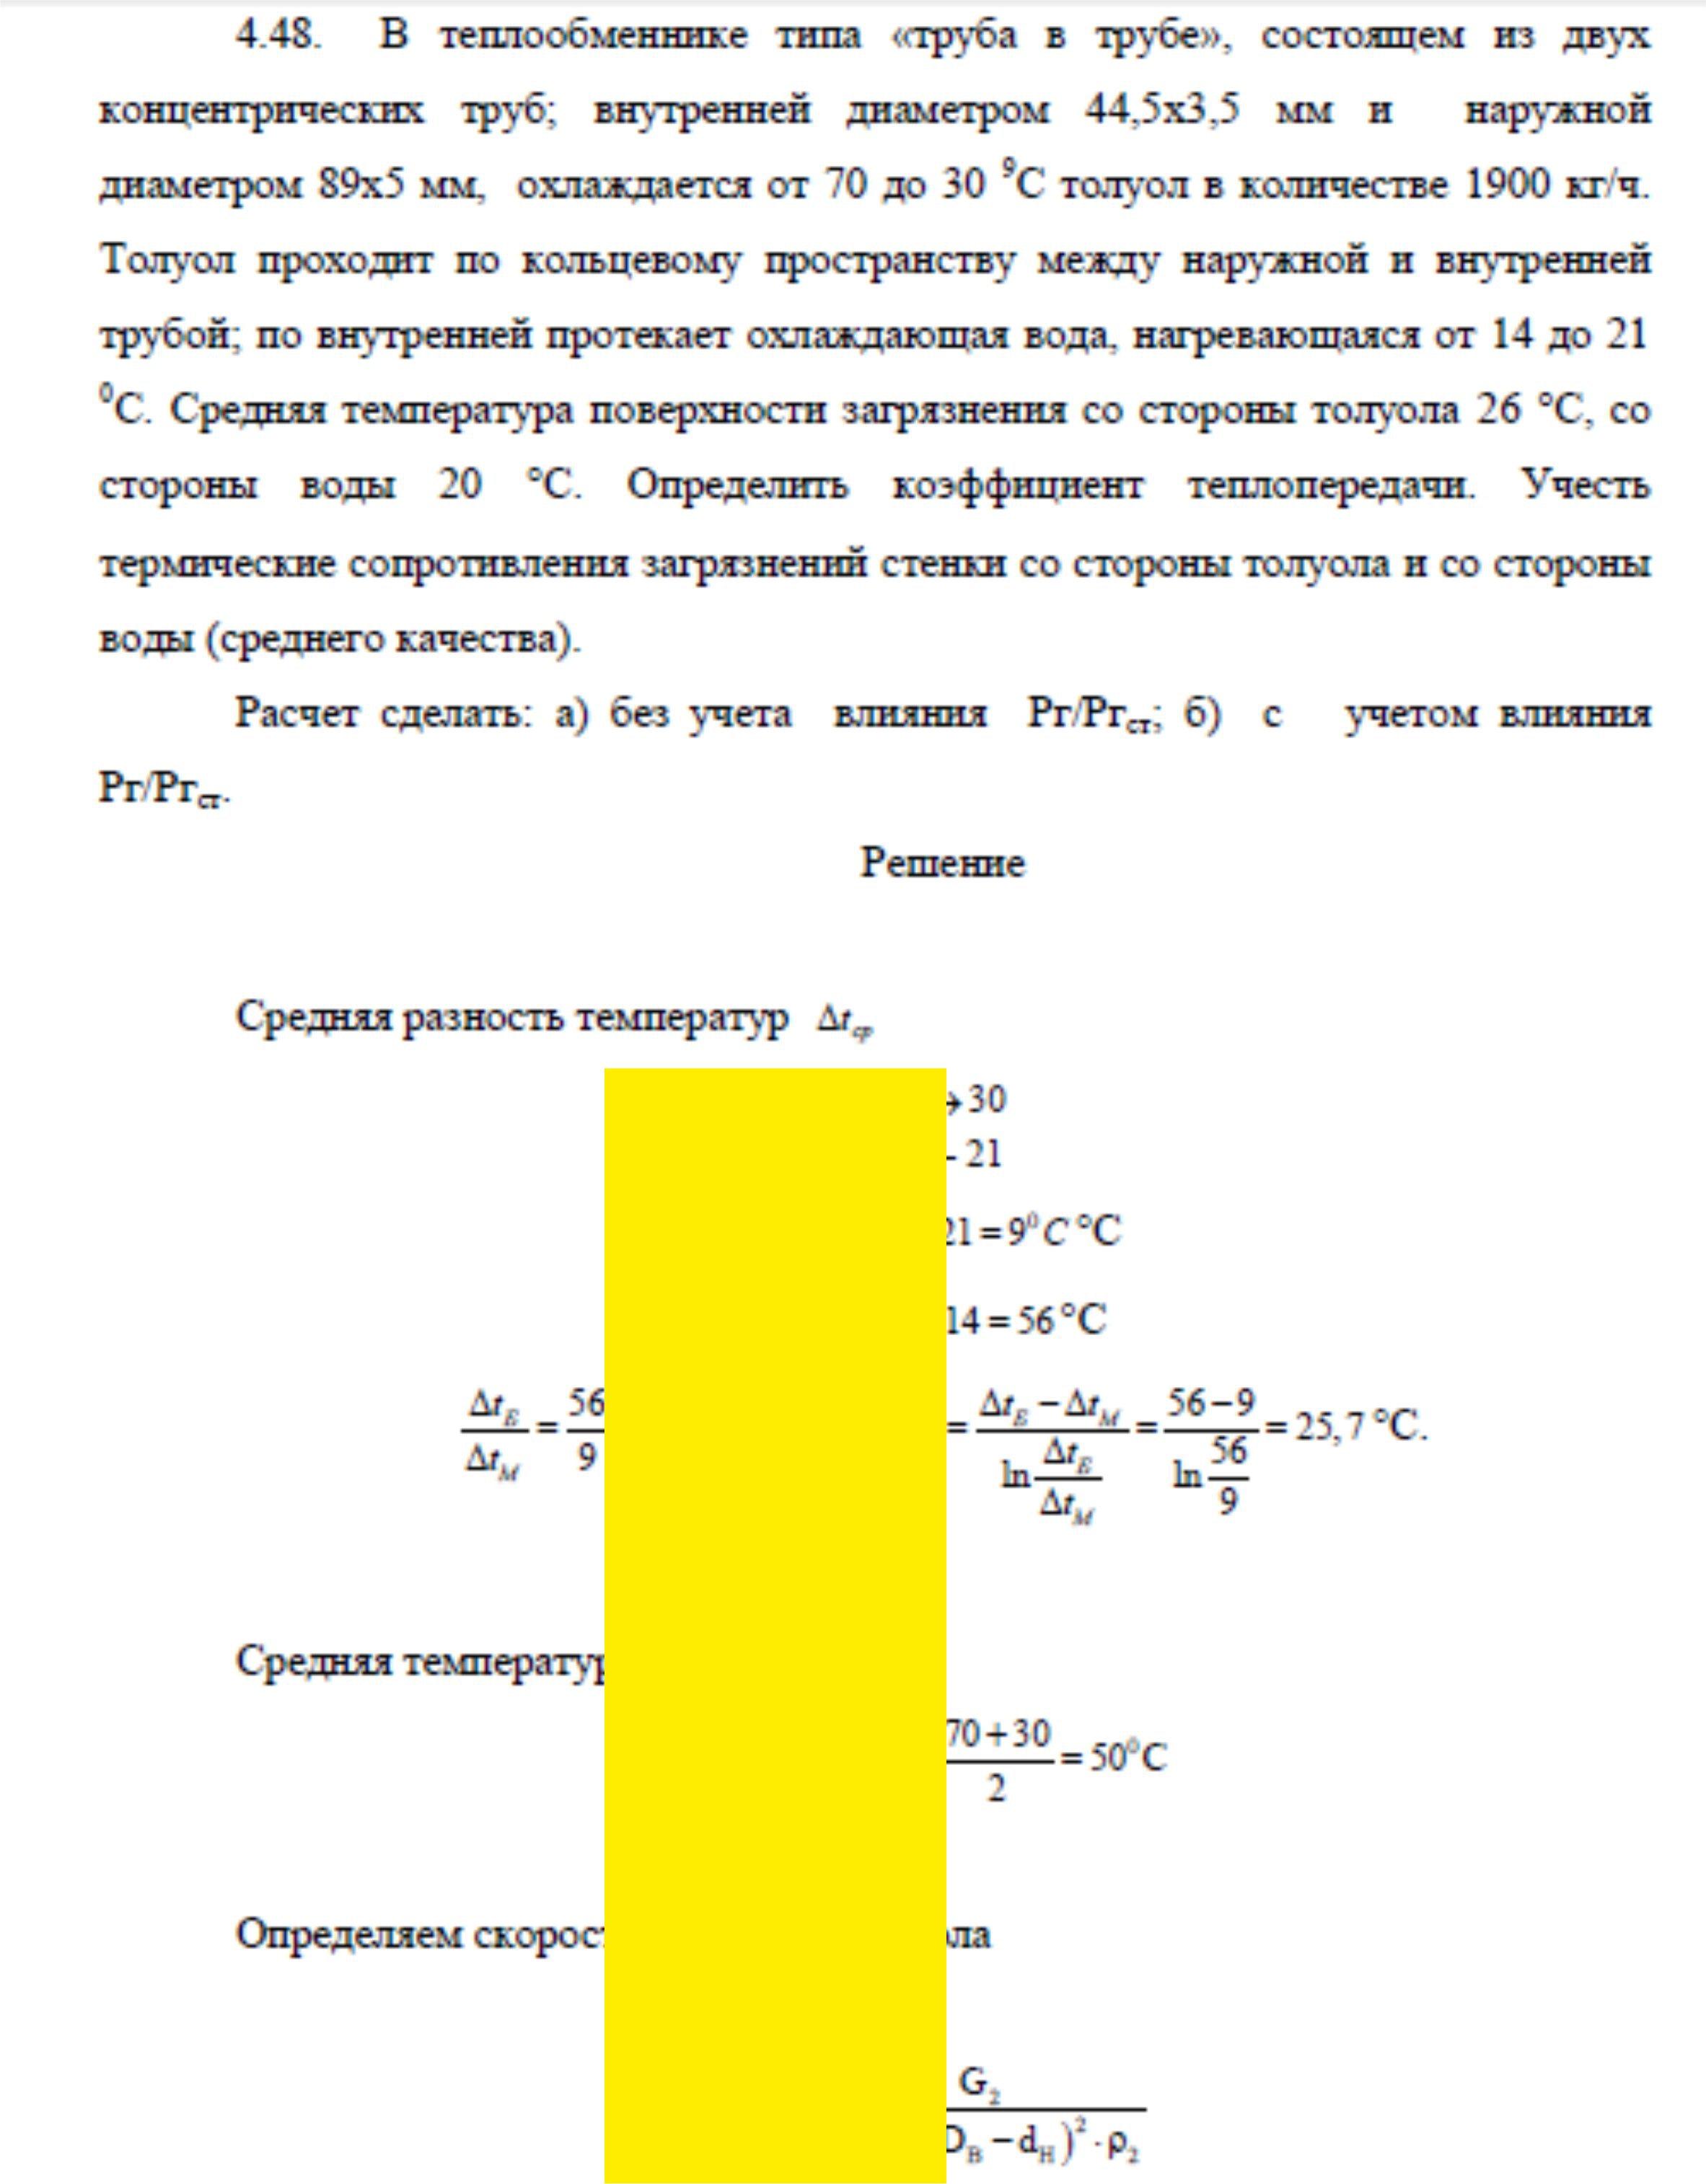 Решение задачи 4.48 по ПАХТ из задачника Павлова Романкова Носкова